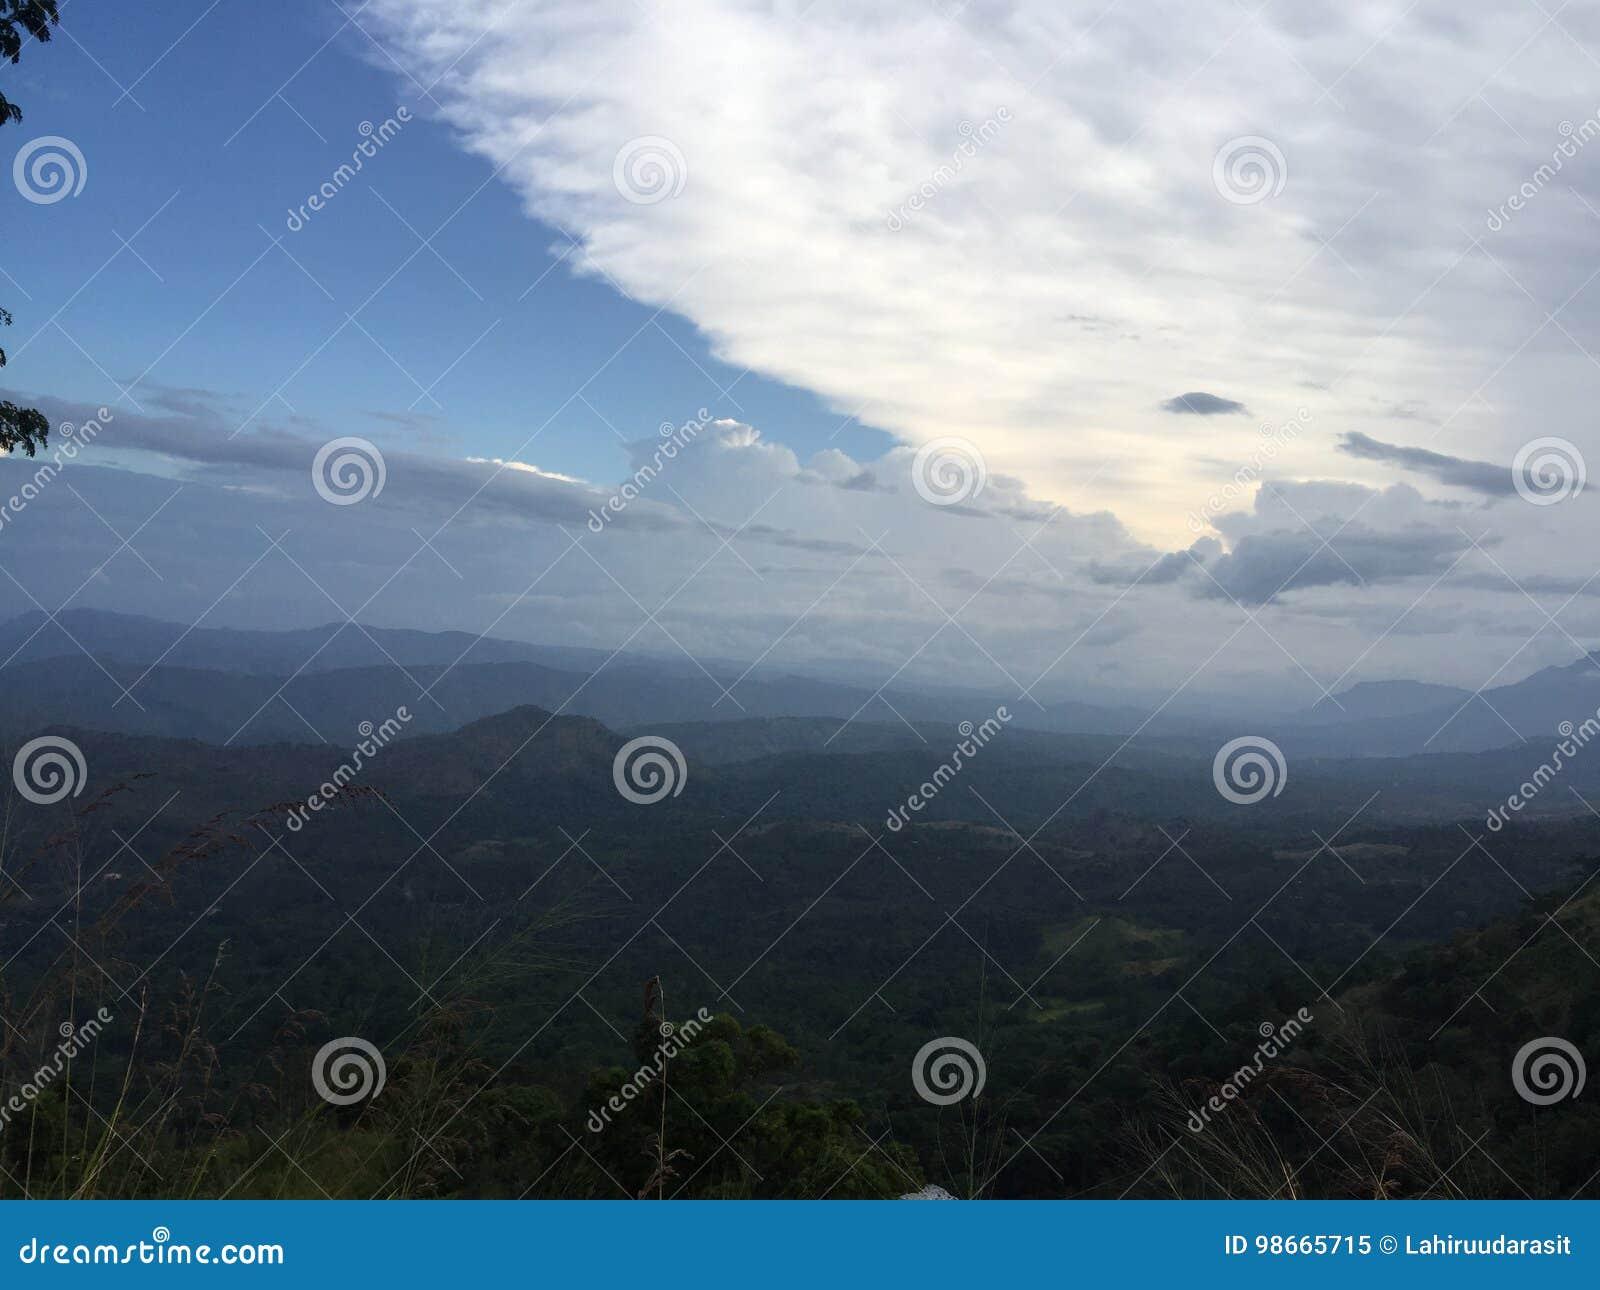 Himmel mit Gebirgshintergrund